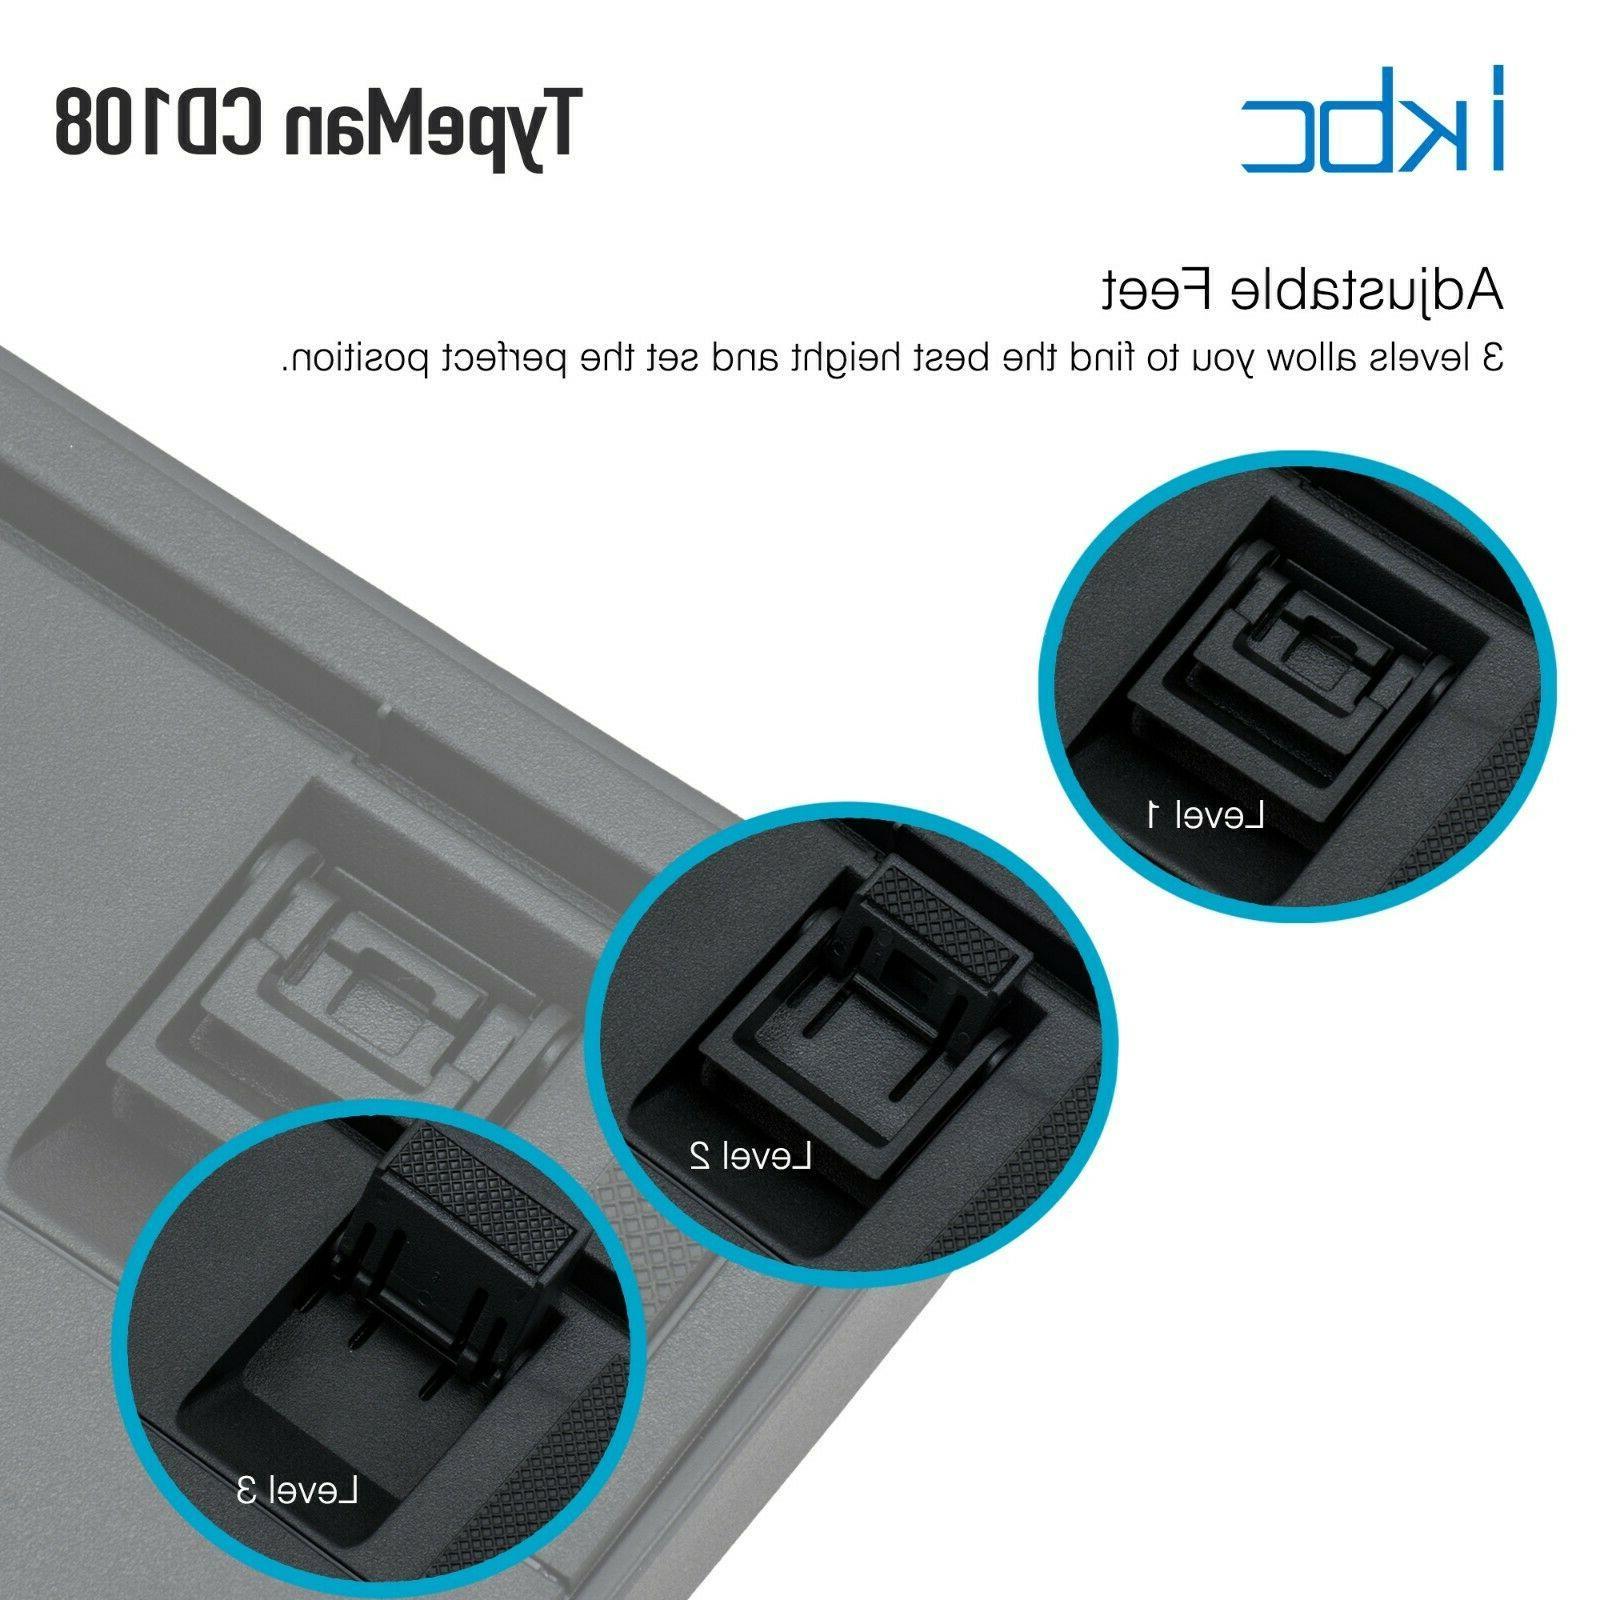 iKBC CD108 v2 Mechanical Ergonomic MX